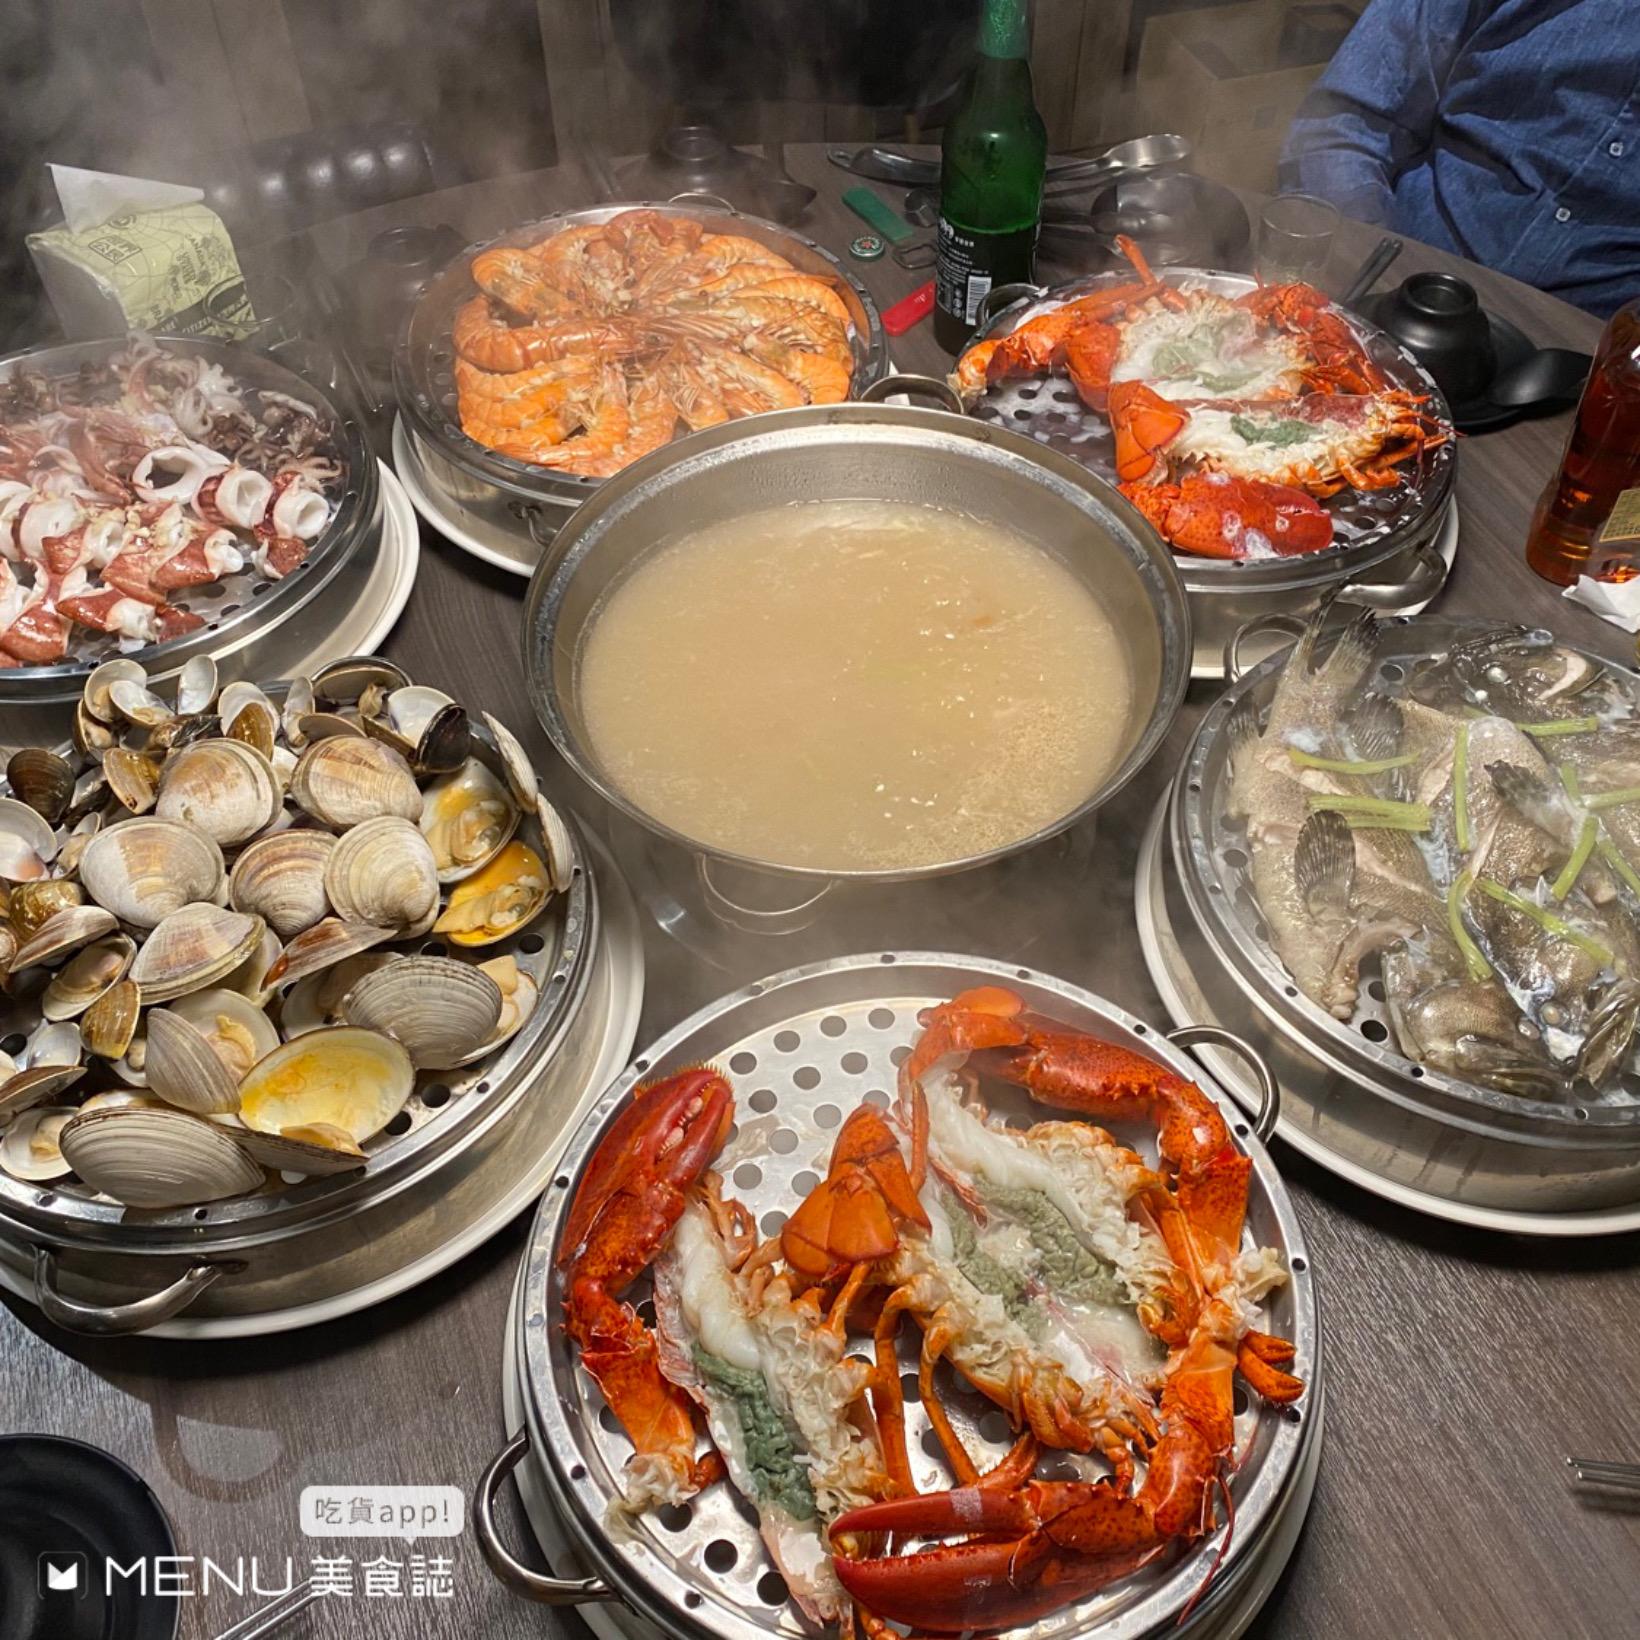 在家動動手指就能吃到山珍海味!MENU美食誌超貼心線上點餐功能,泰式冬蔭湯、韓式燒肉、超澎湃海鮮蒸塔,只要一指就能吃到!